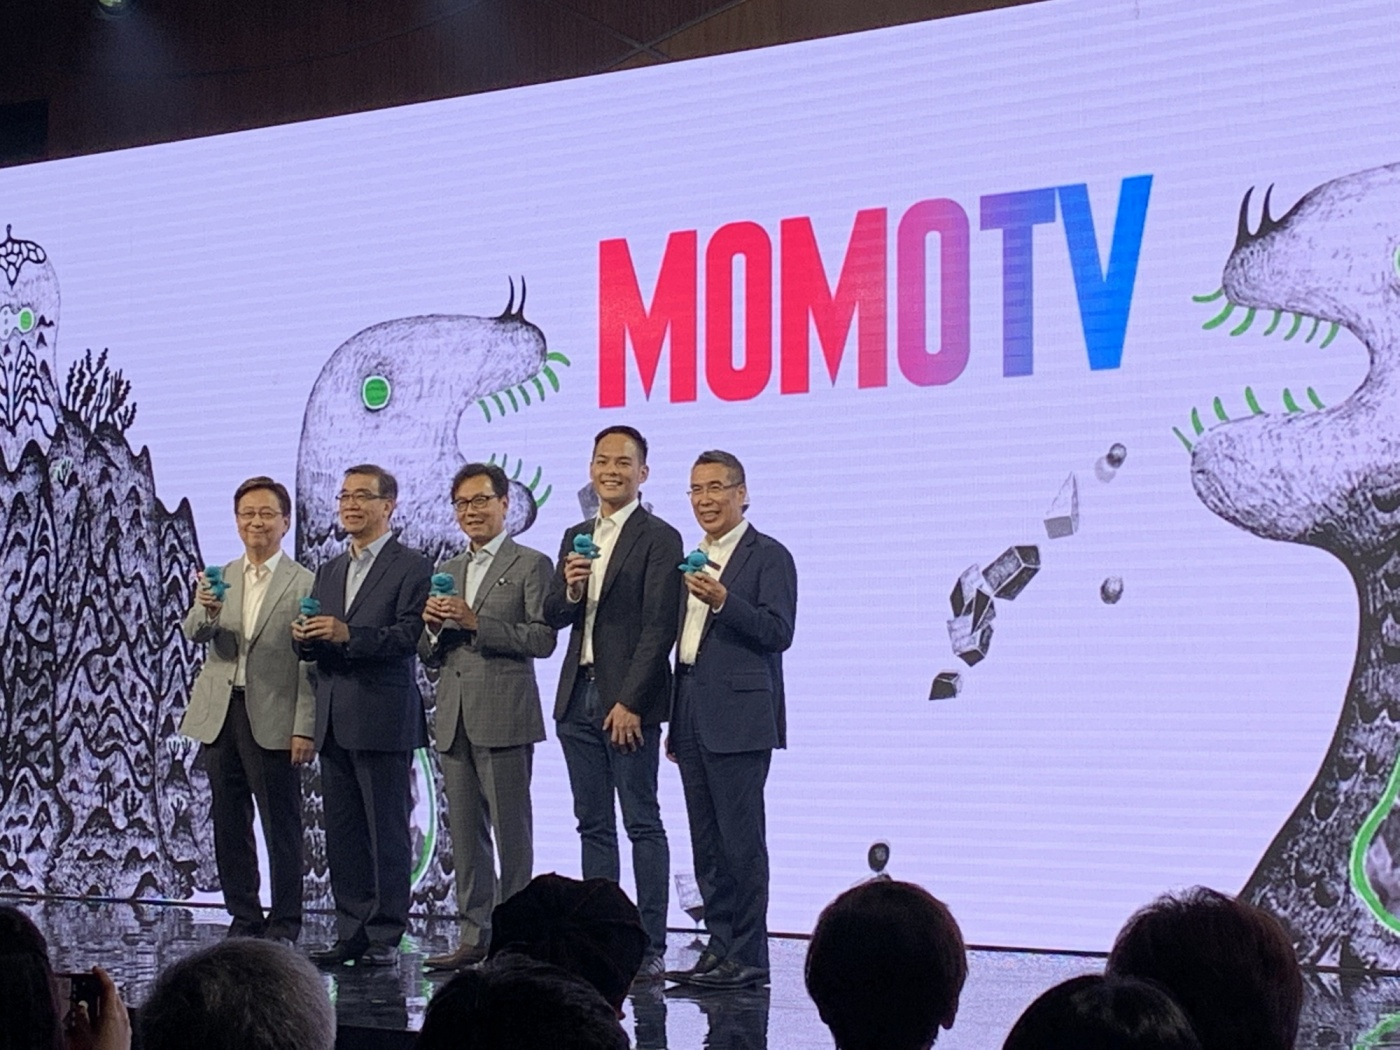 富邦F4合體救電視收視率!蔡明忠靠電信、購物、頻道資源推「MOMOTV」